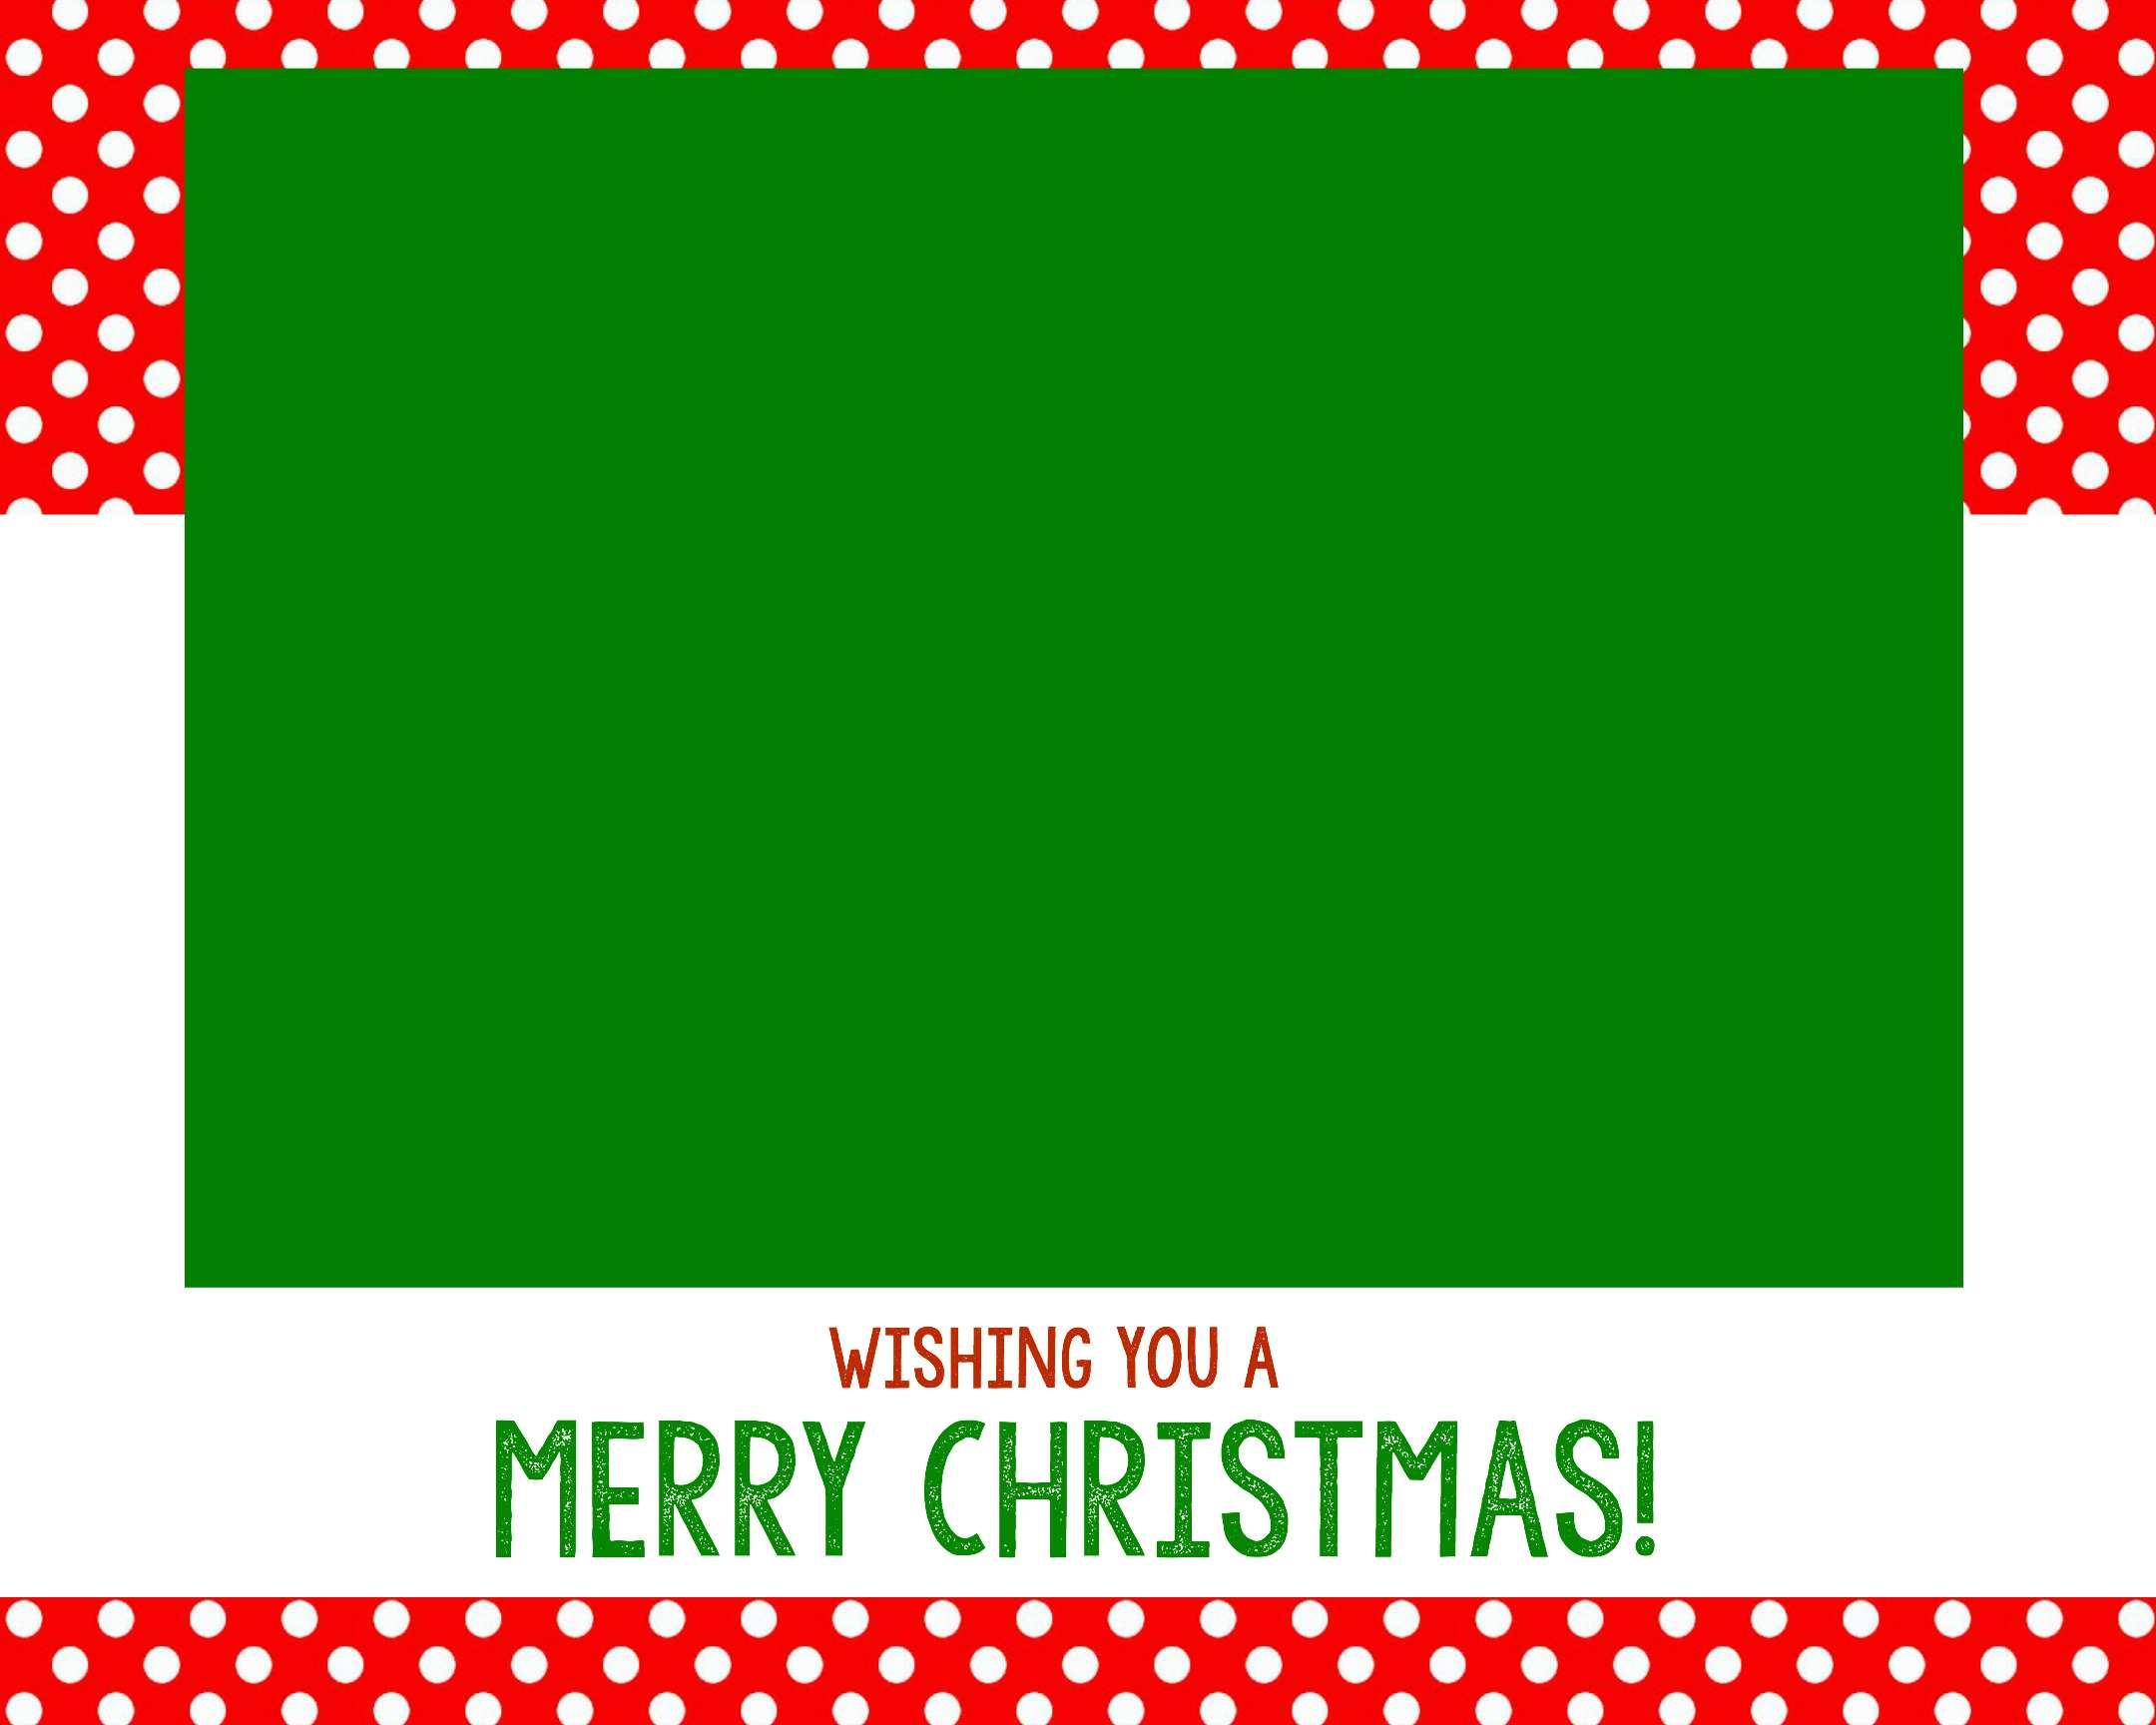 32 Free Printable Christmas Card Templates Publisher Templates by Christmas Card Templates Publisher